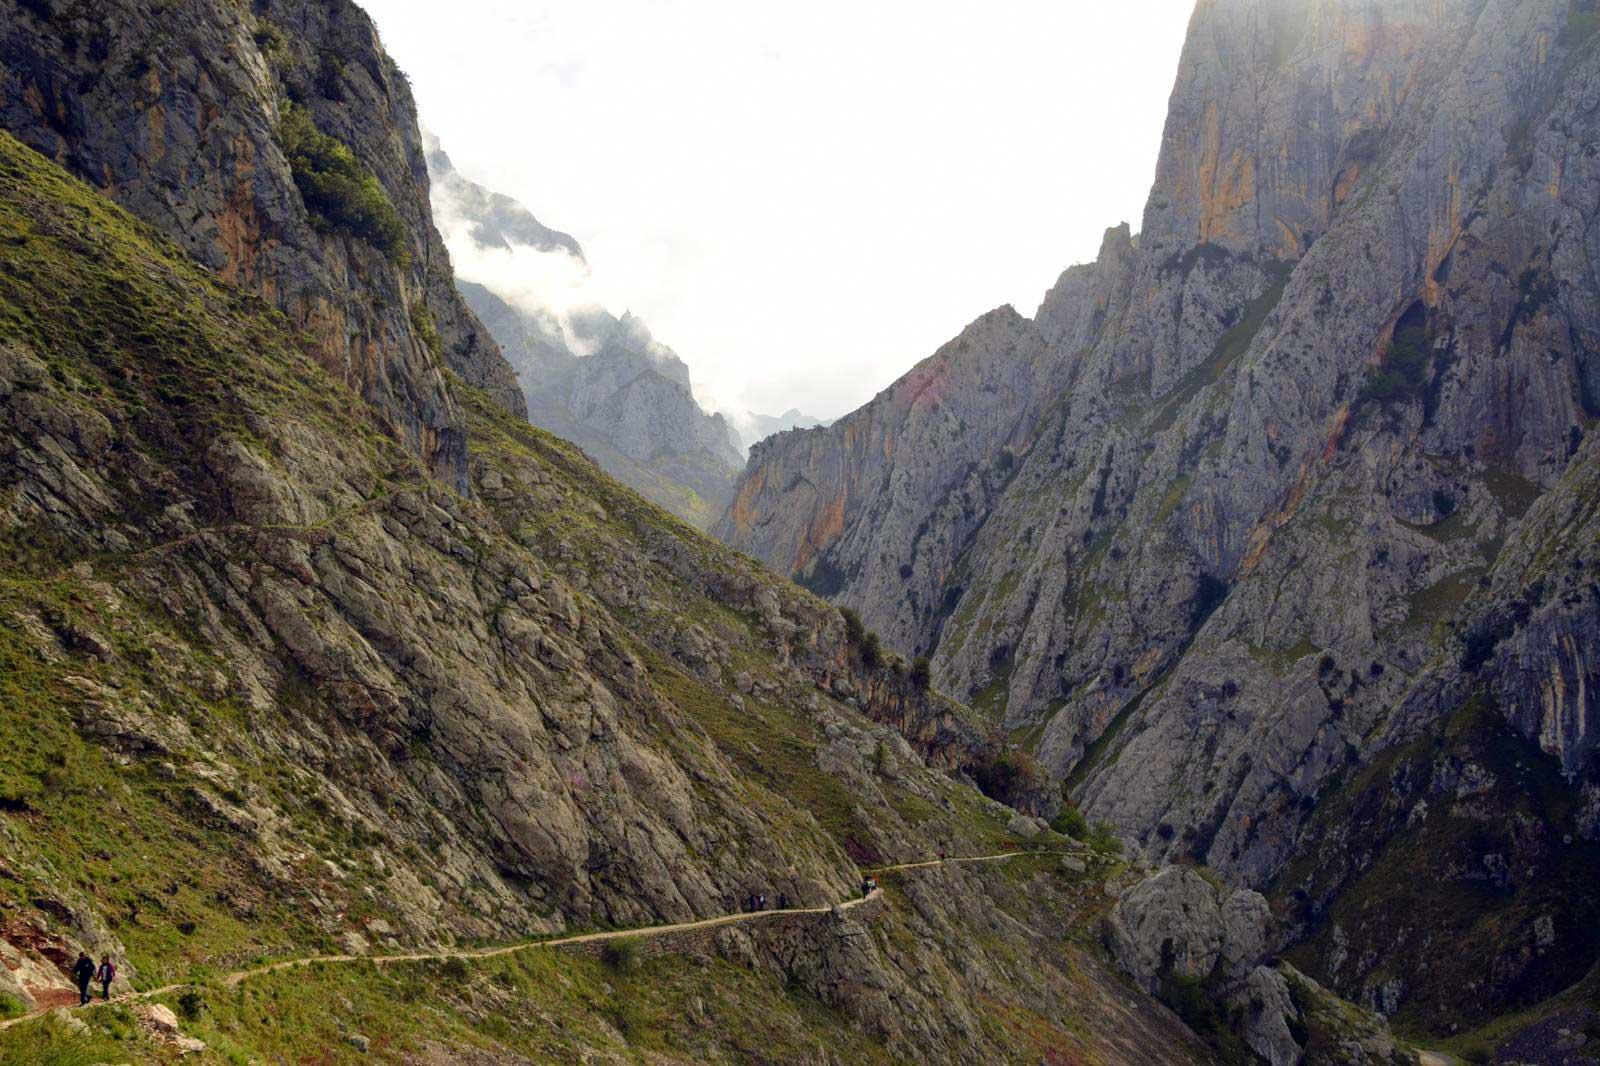 À descoberta dos picos da Europa - 1ª edição 2021 (3 dias)